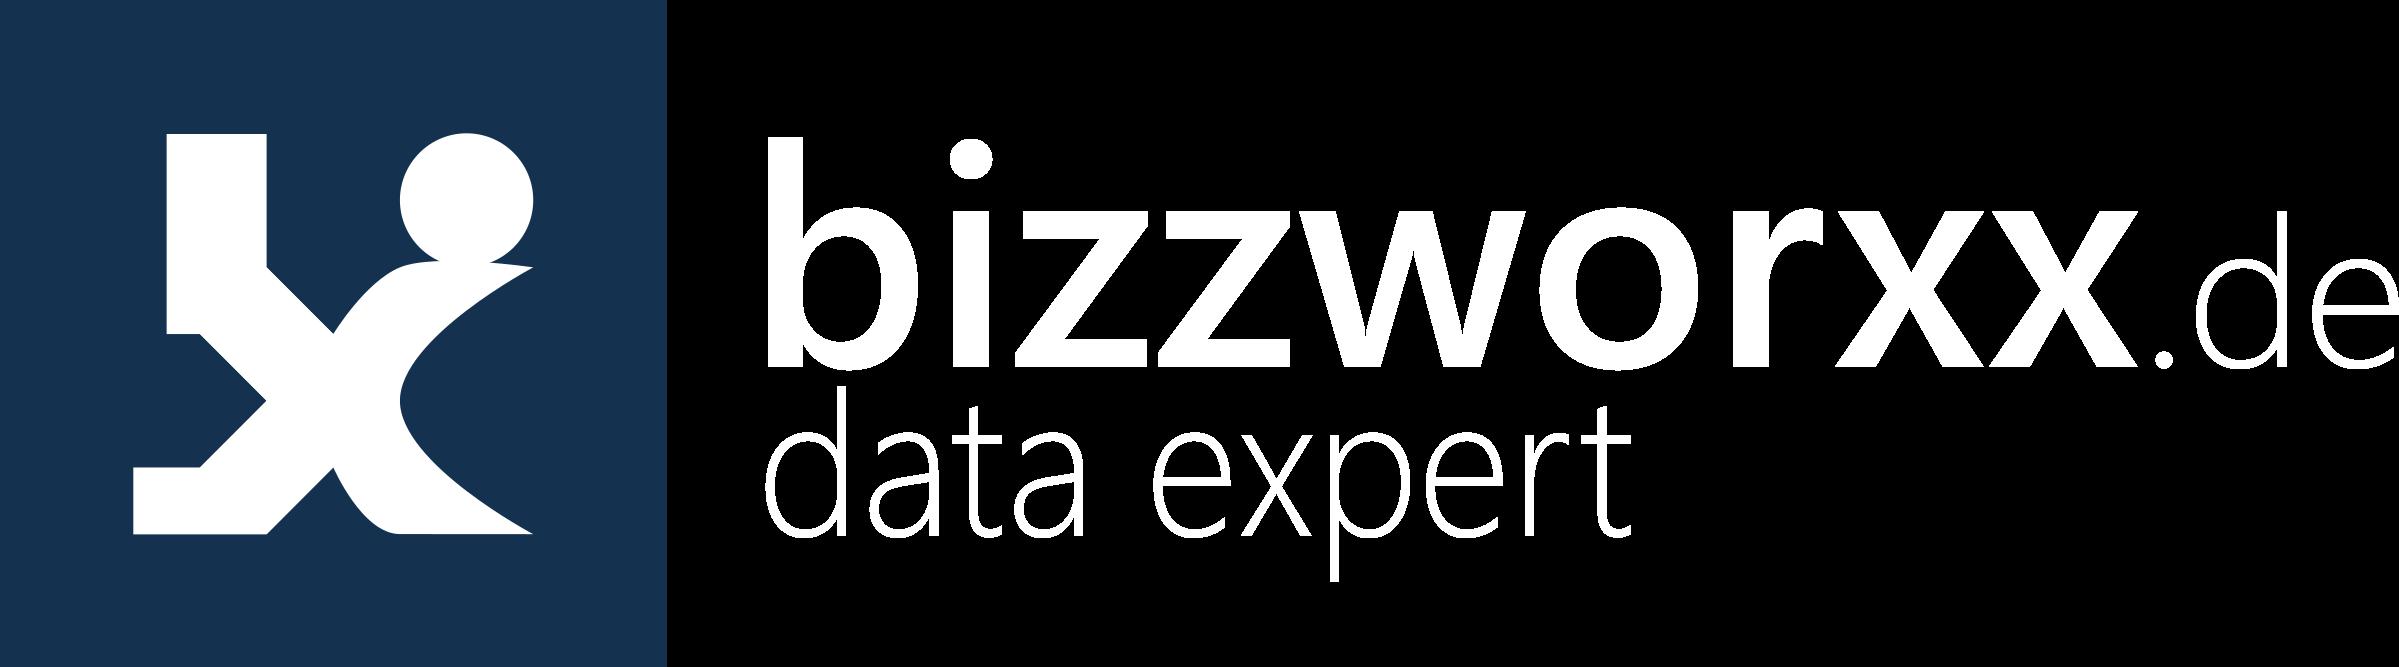 bizzworxx